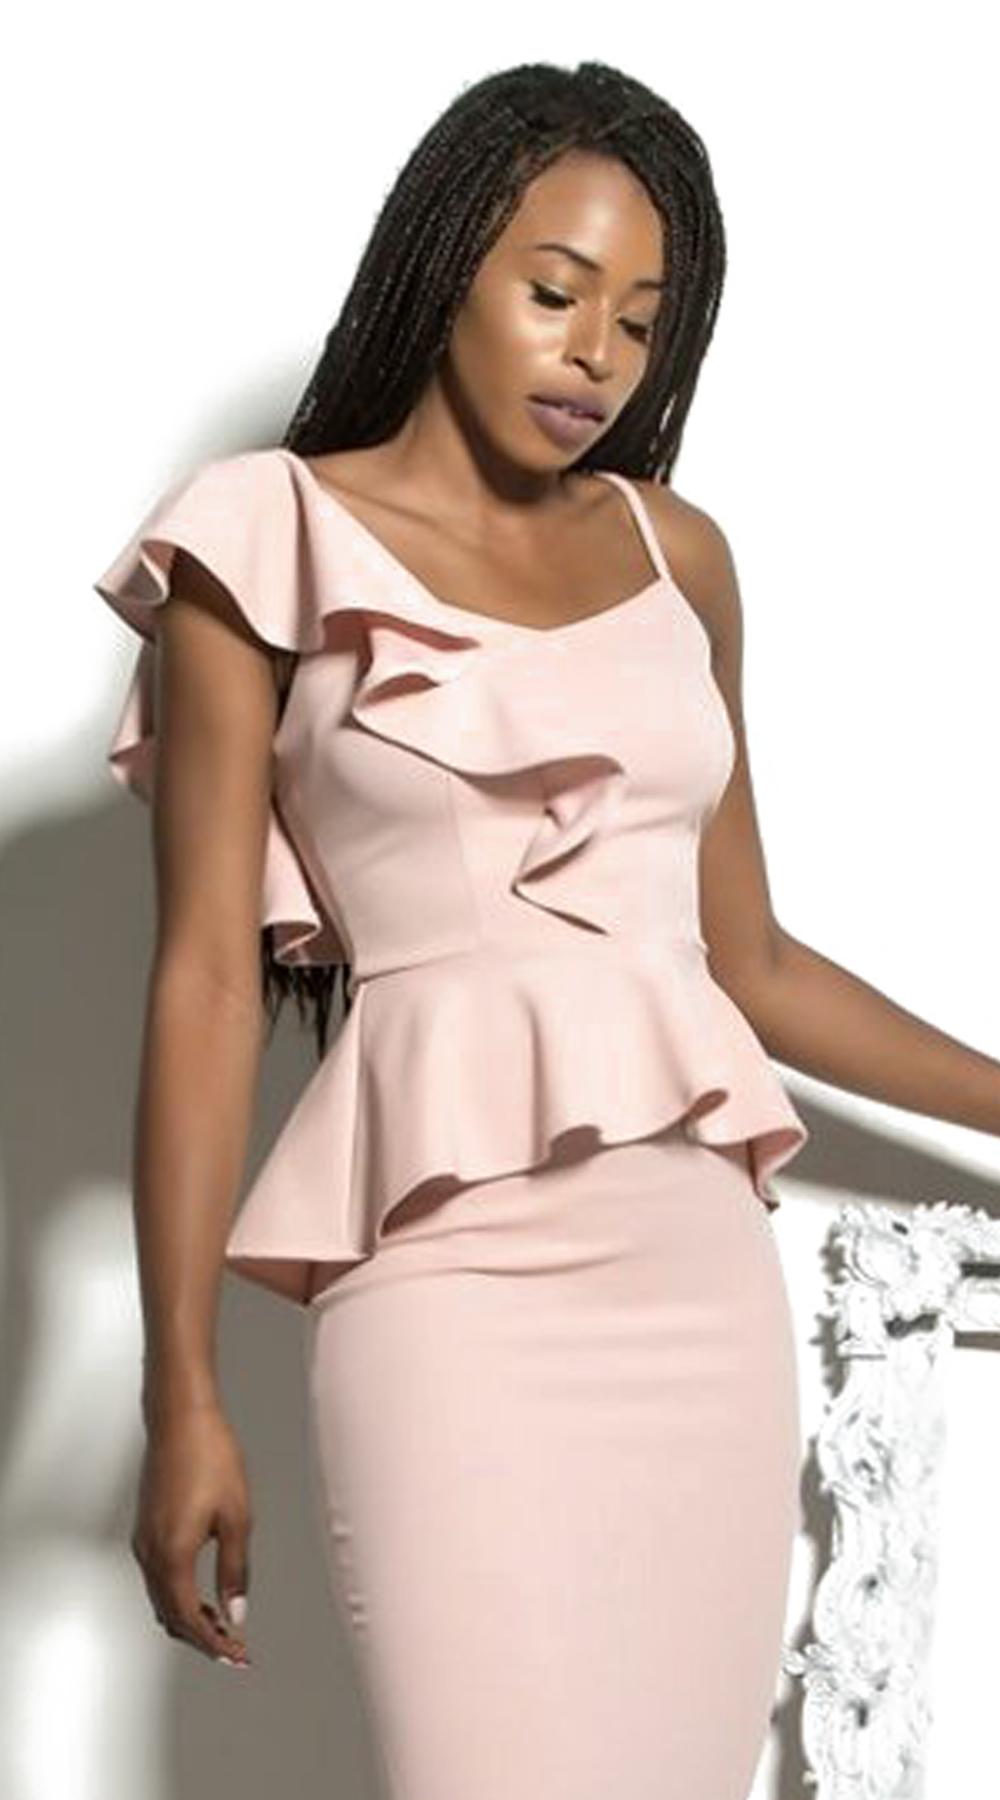 Γυναικεία elegant μπλούζα με βολάν στον ώμο - LOVE ME - FA17LV-40481 μπλούζες   t shirts elegant tops